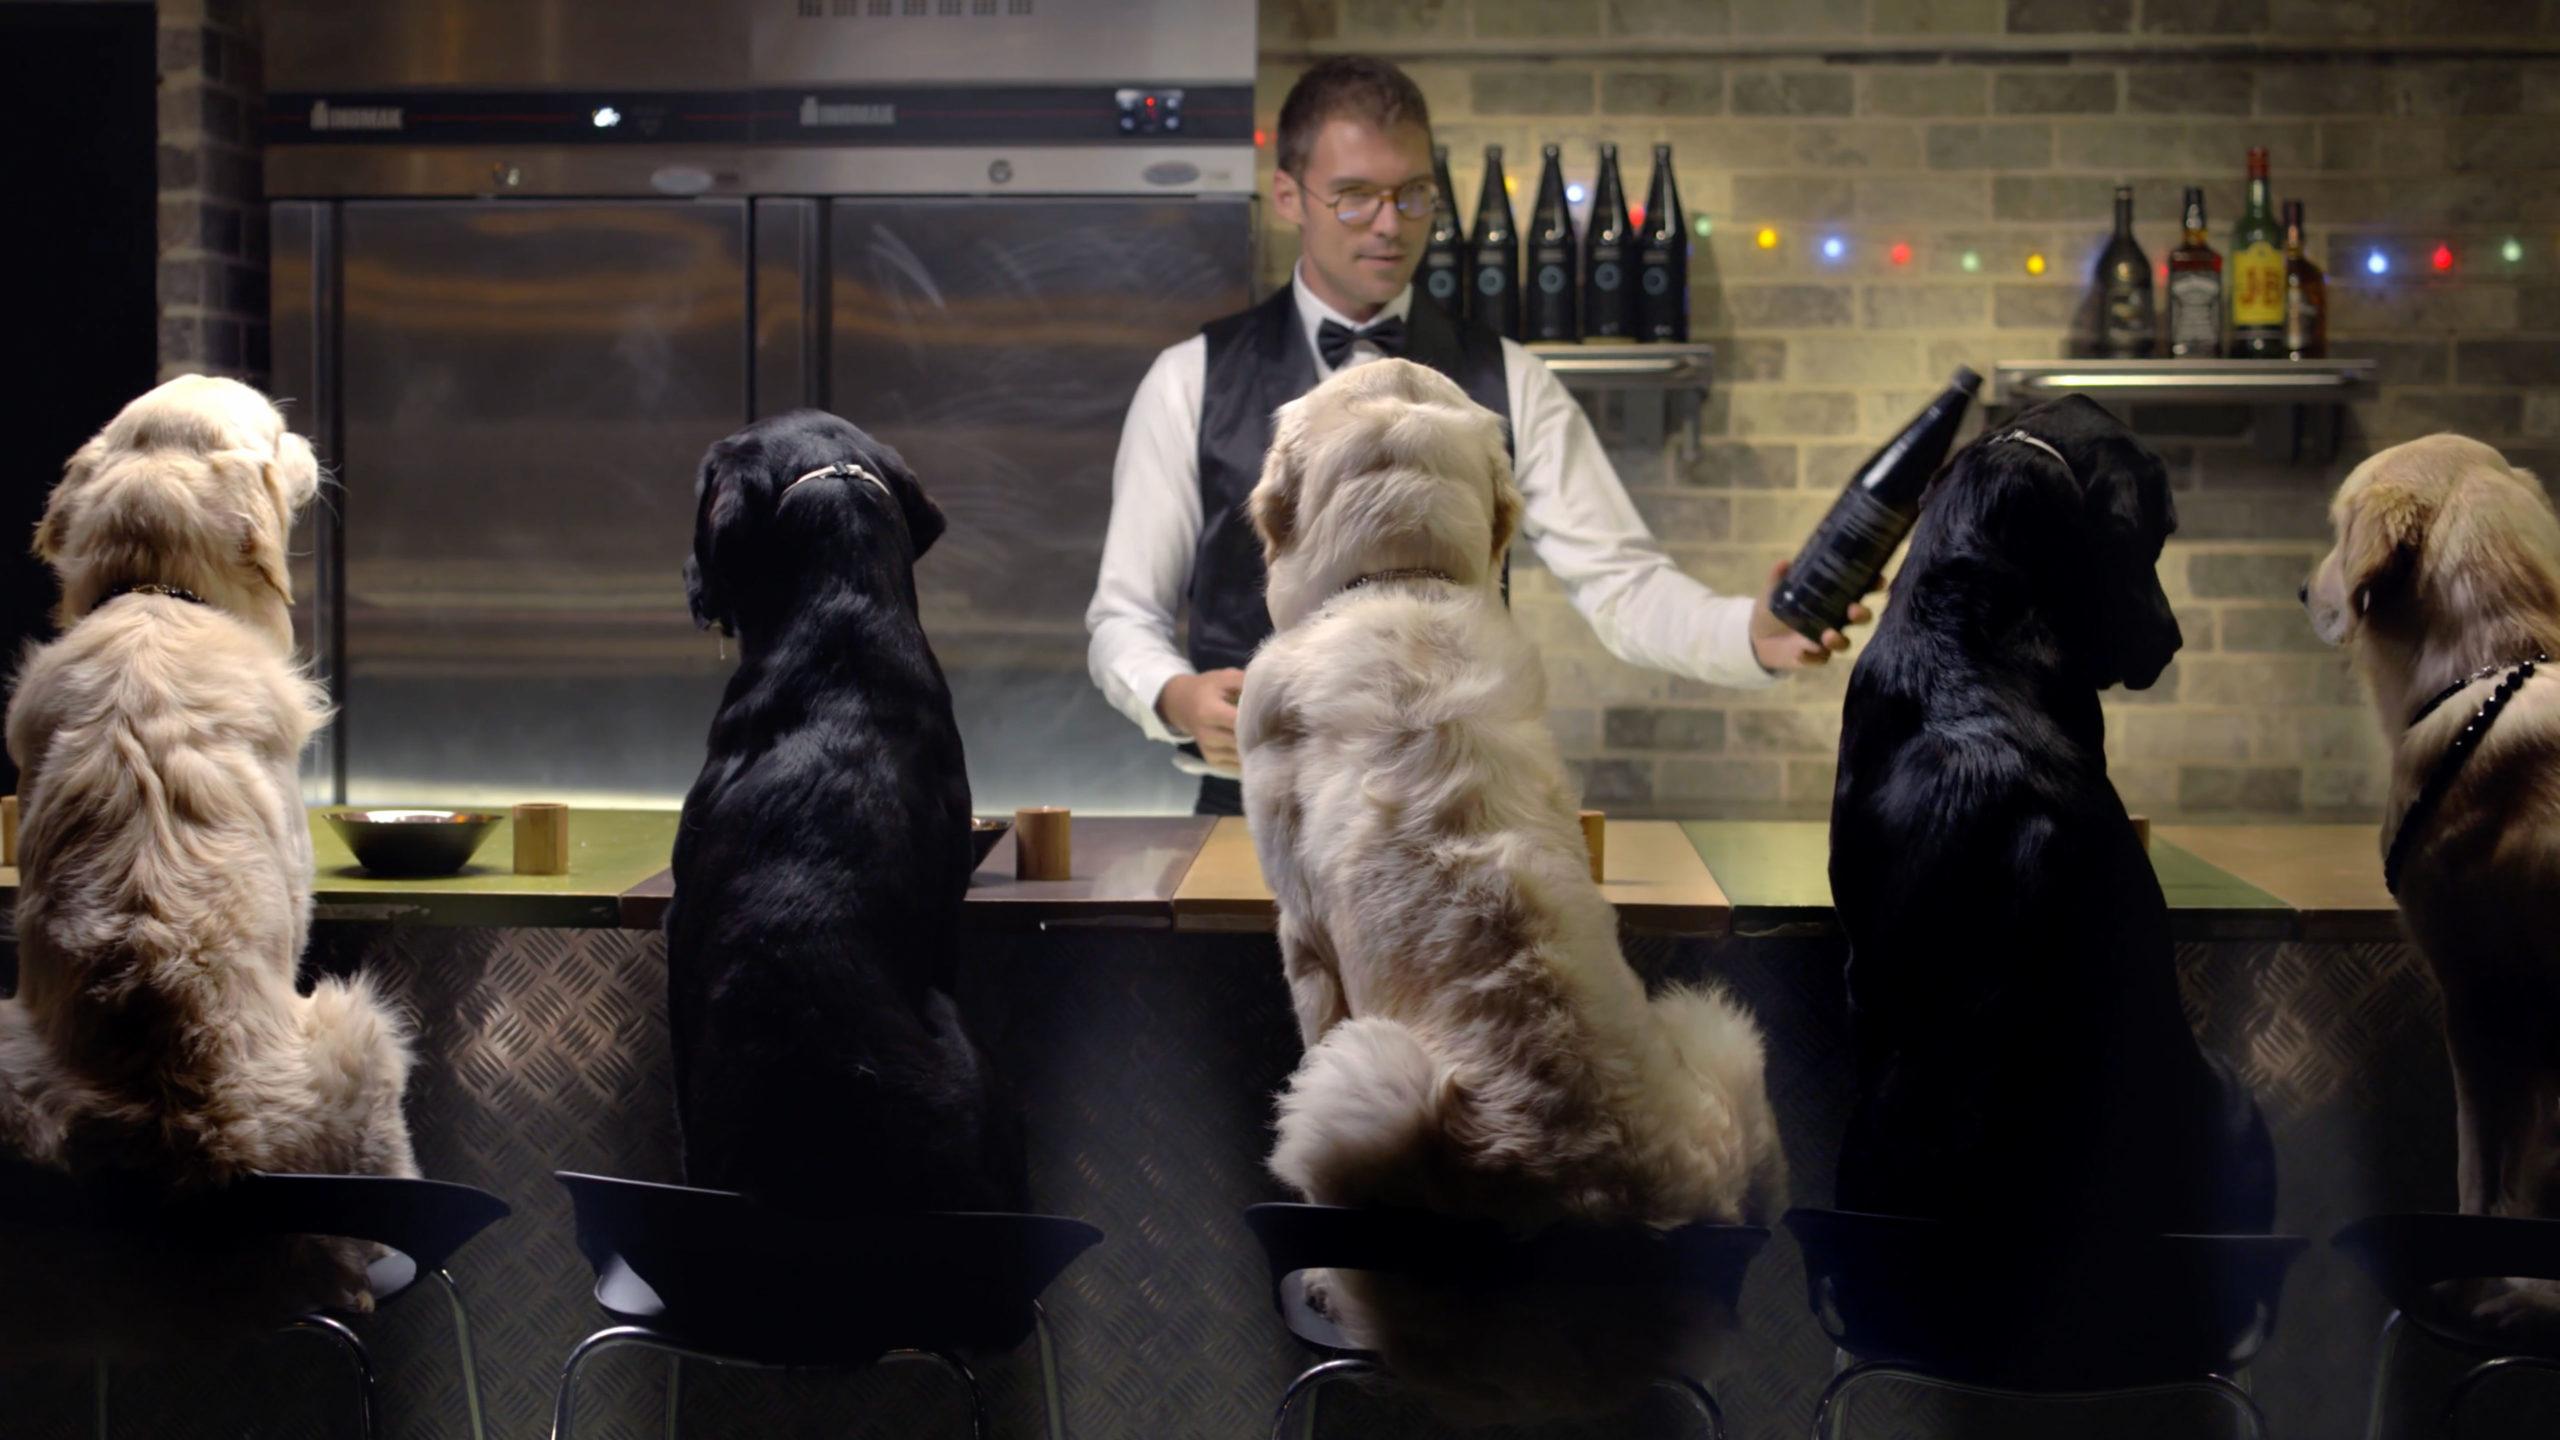 קמפיין פרסומות חדש למותג האוכל לכלבים שהולך לשנות את פני השוק